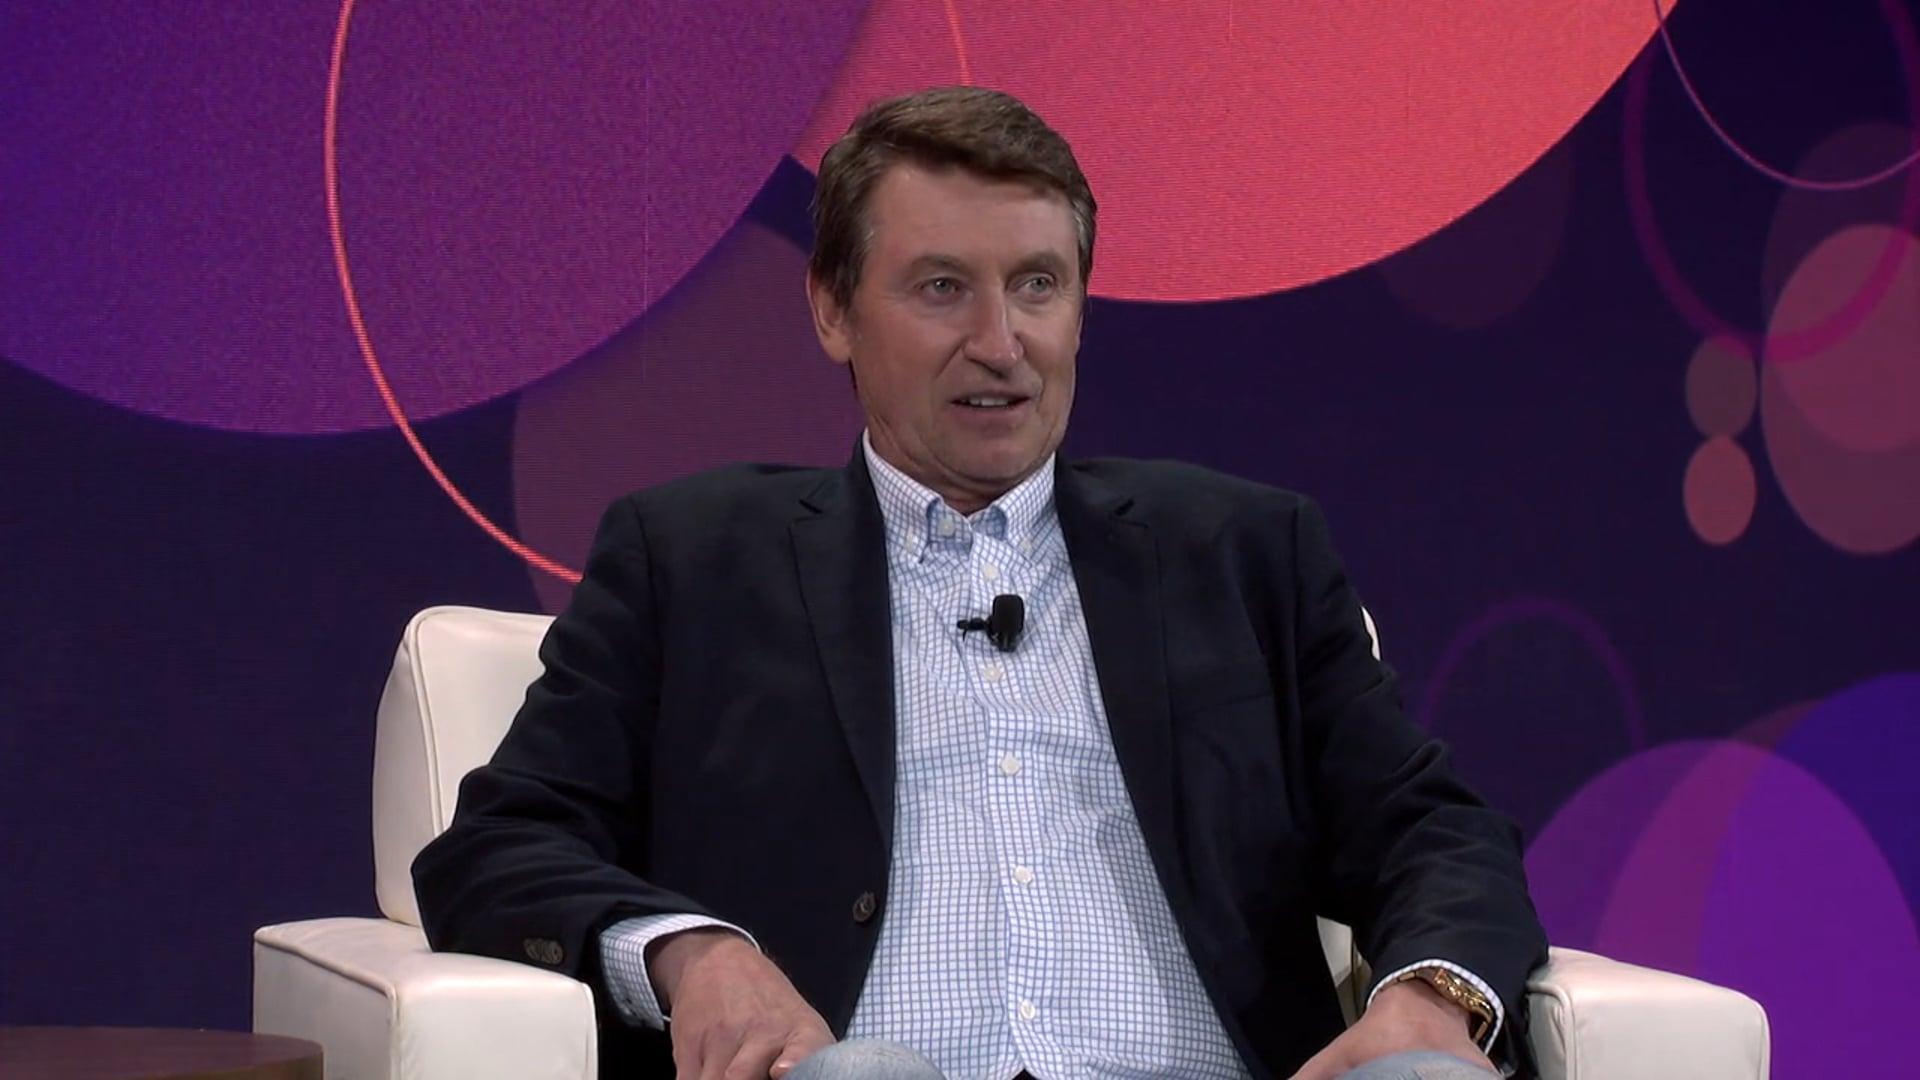 Event Video - Wayne Gretzky